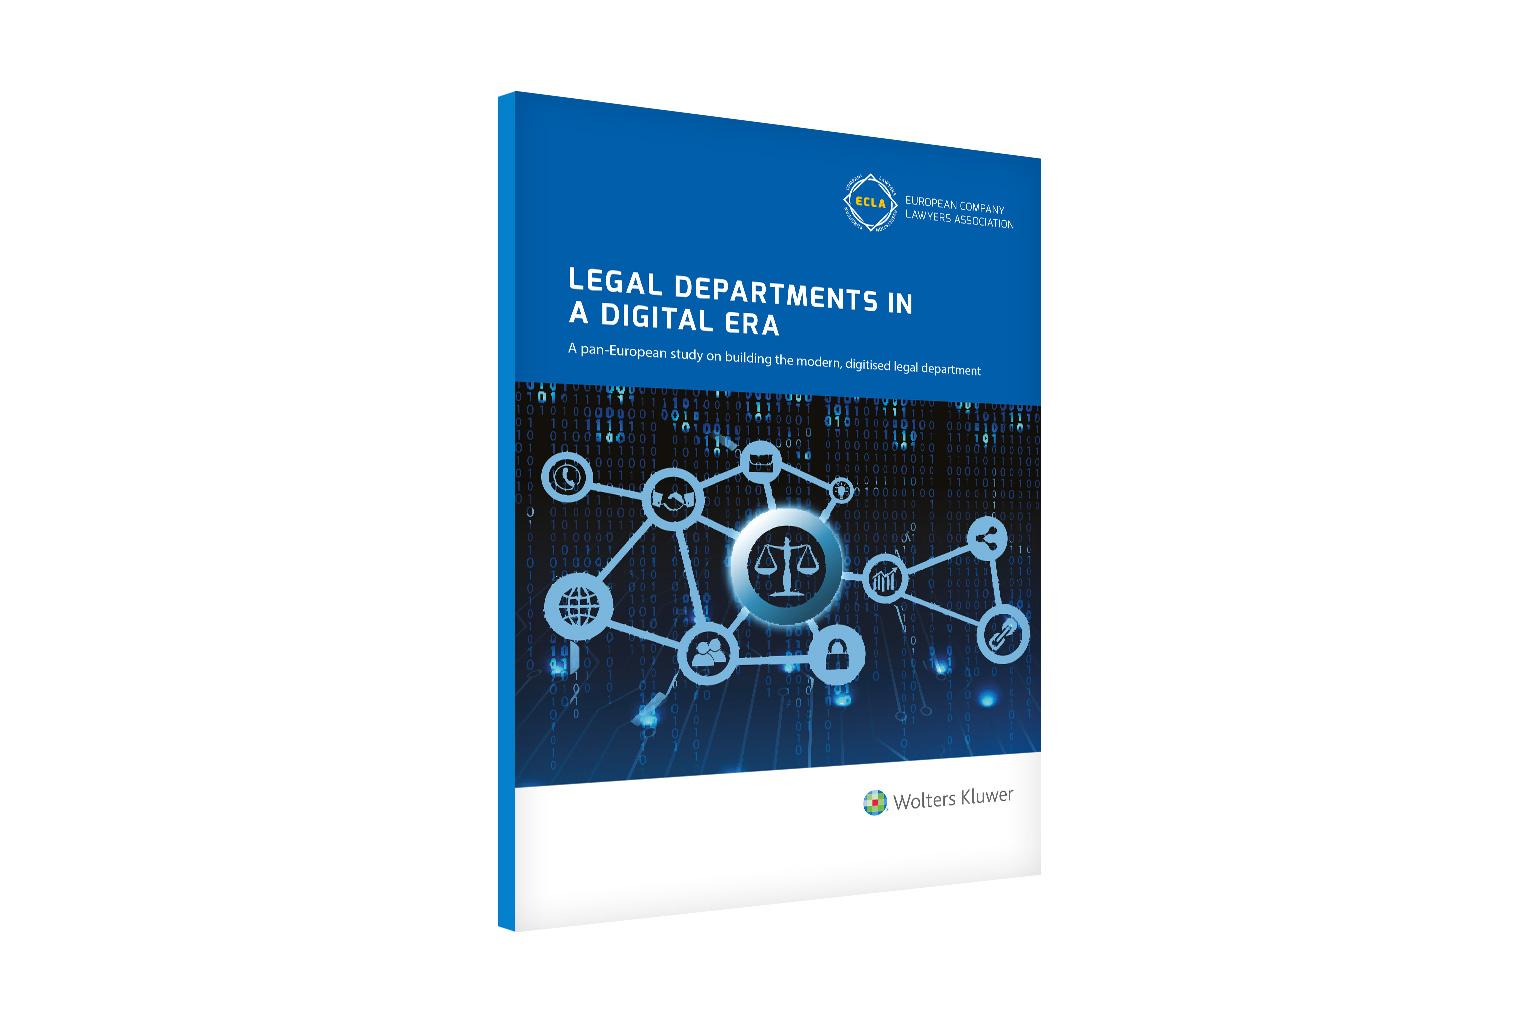 Legal Departments in a Digital Era